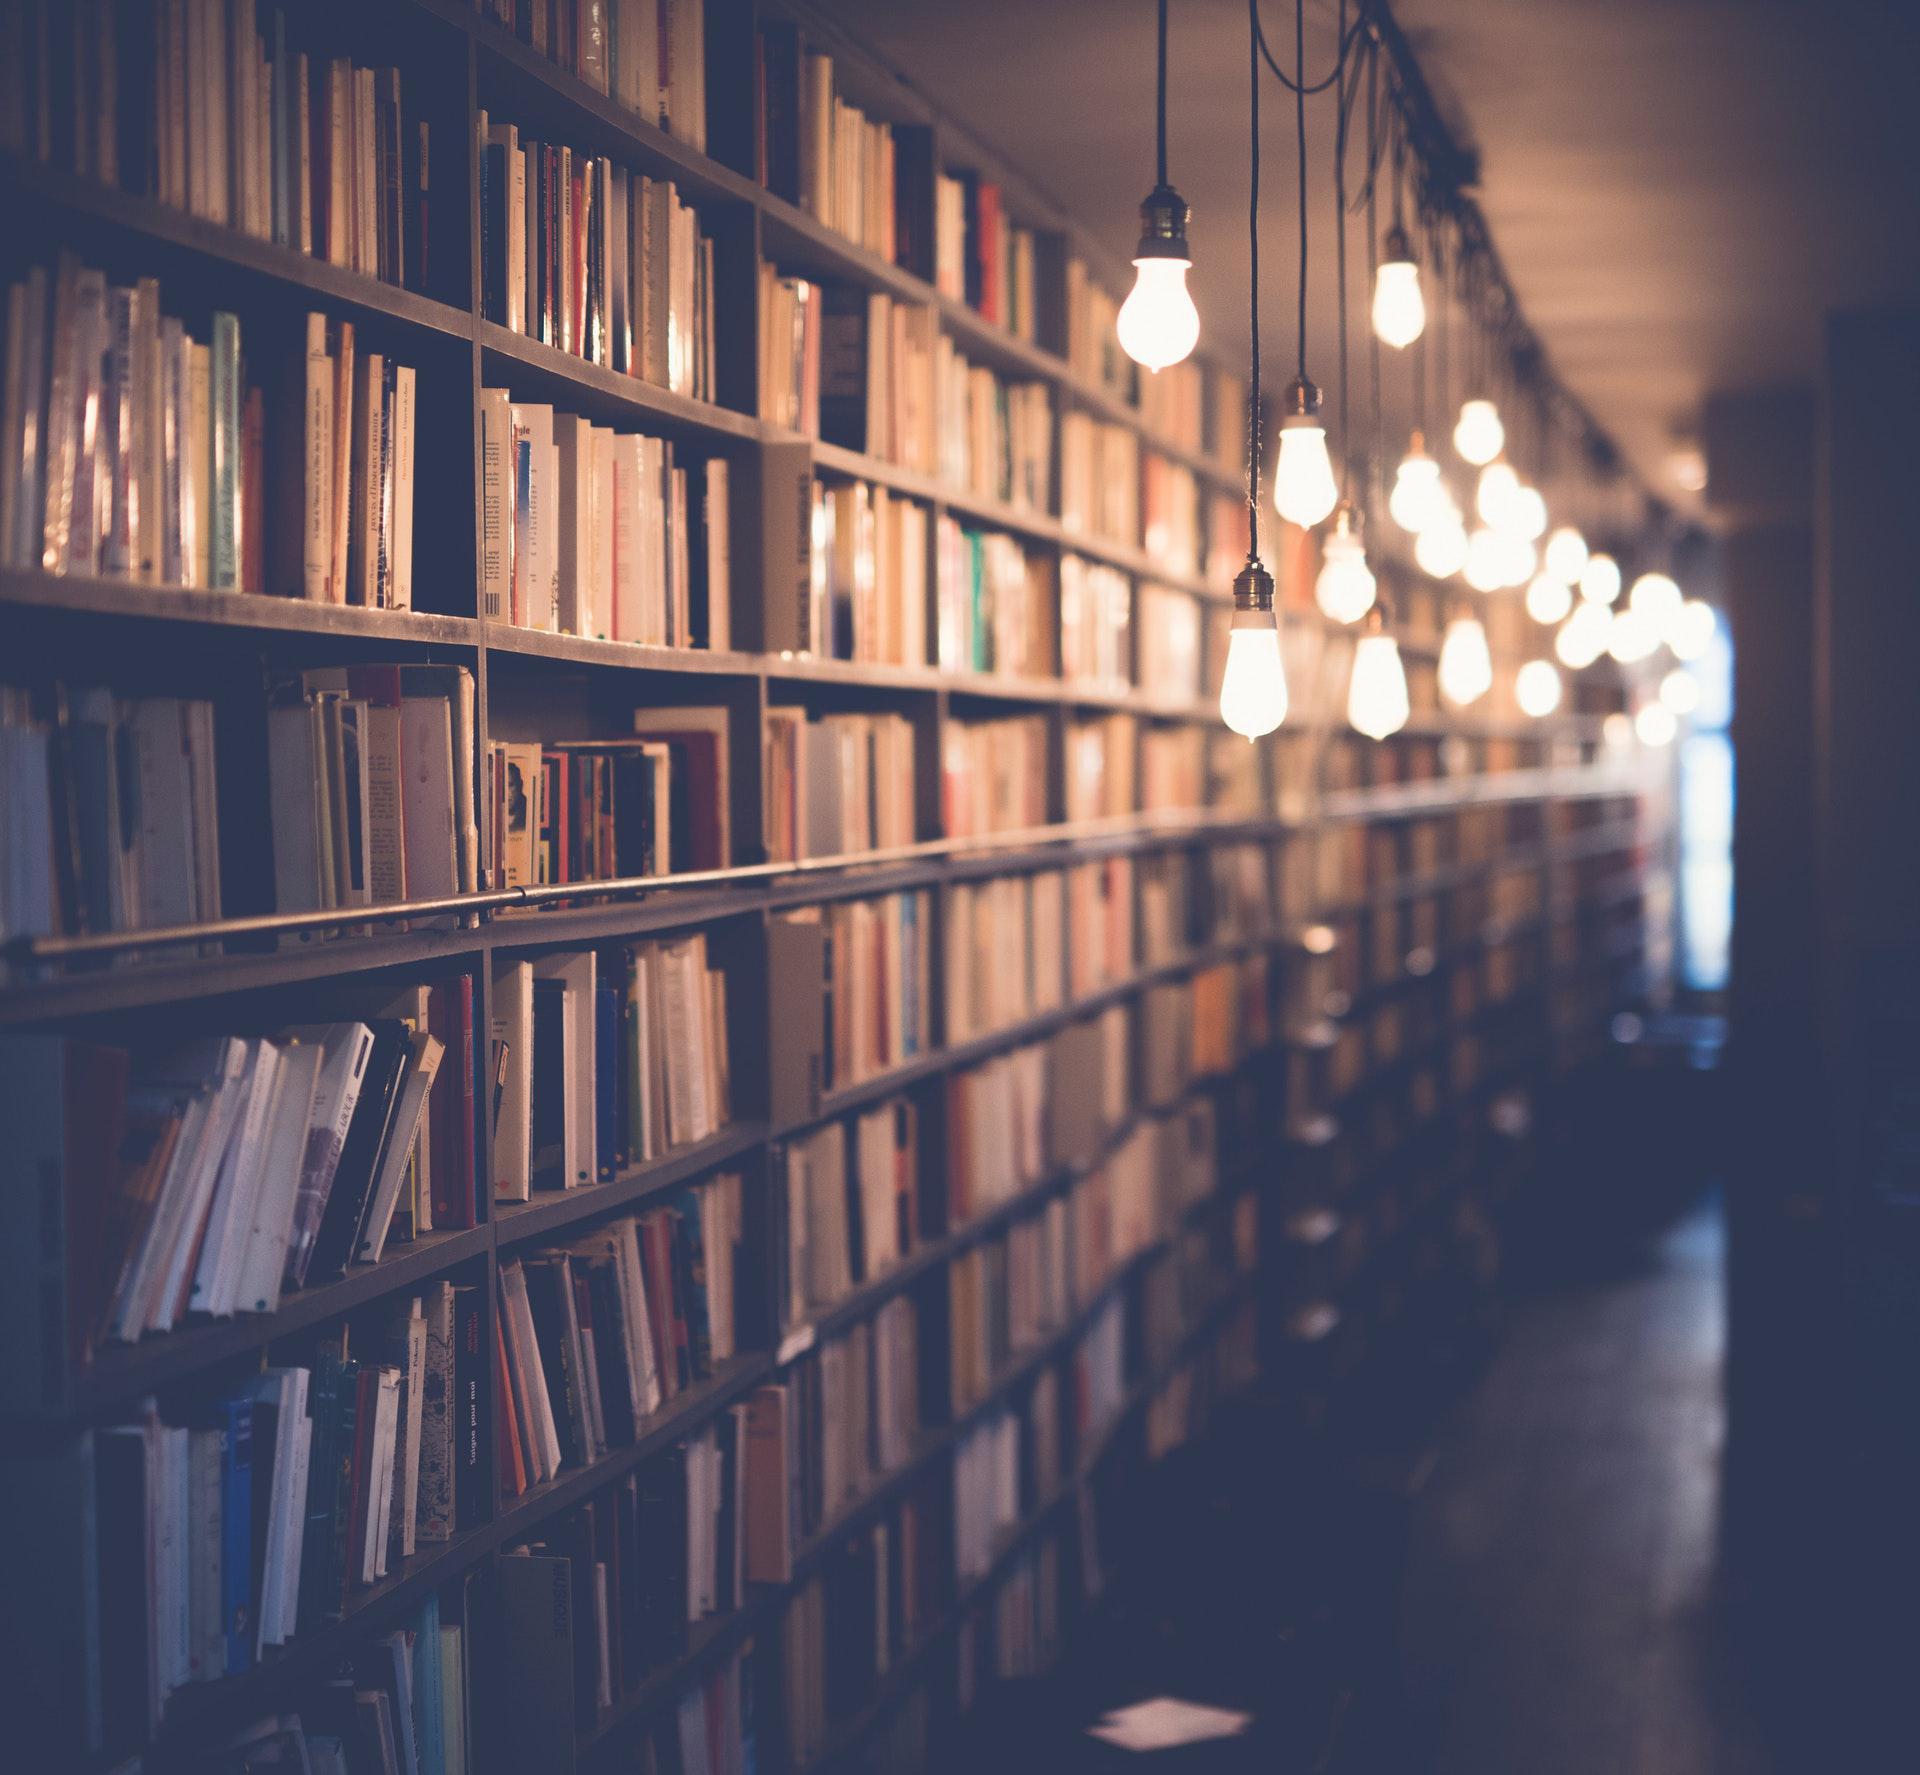 عکس زمینه کتابخانه بزرگ و نورانی پس زمینه